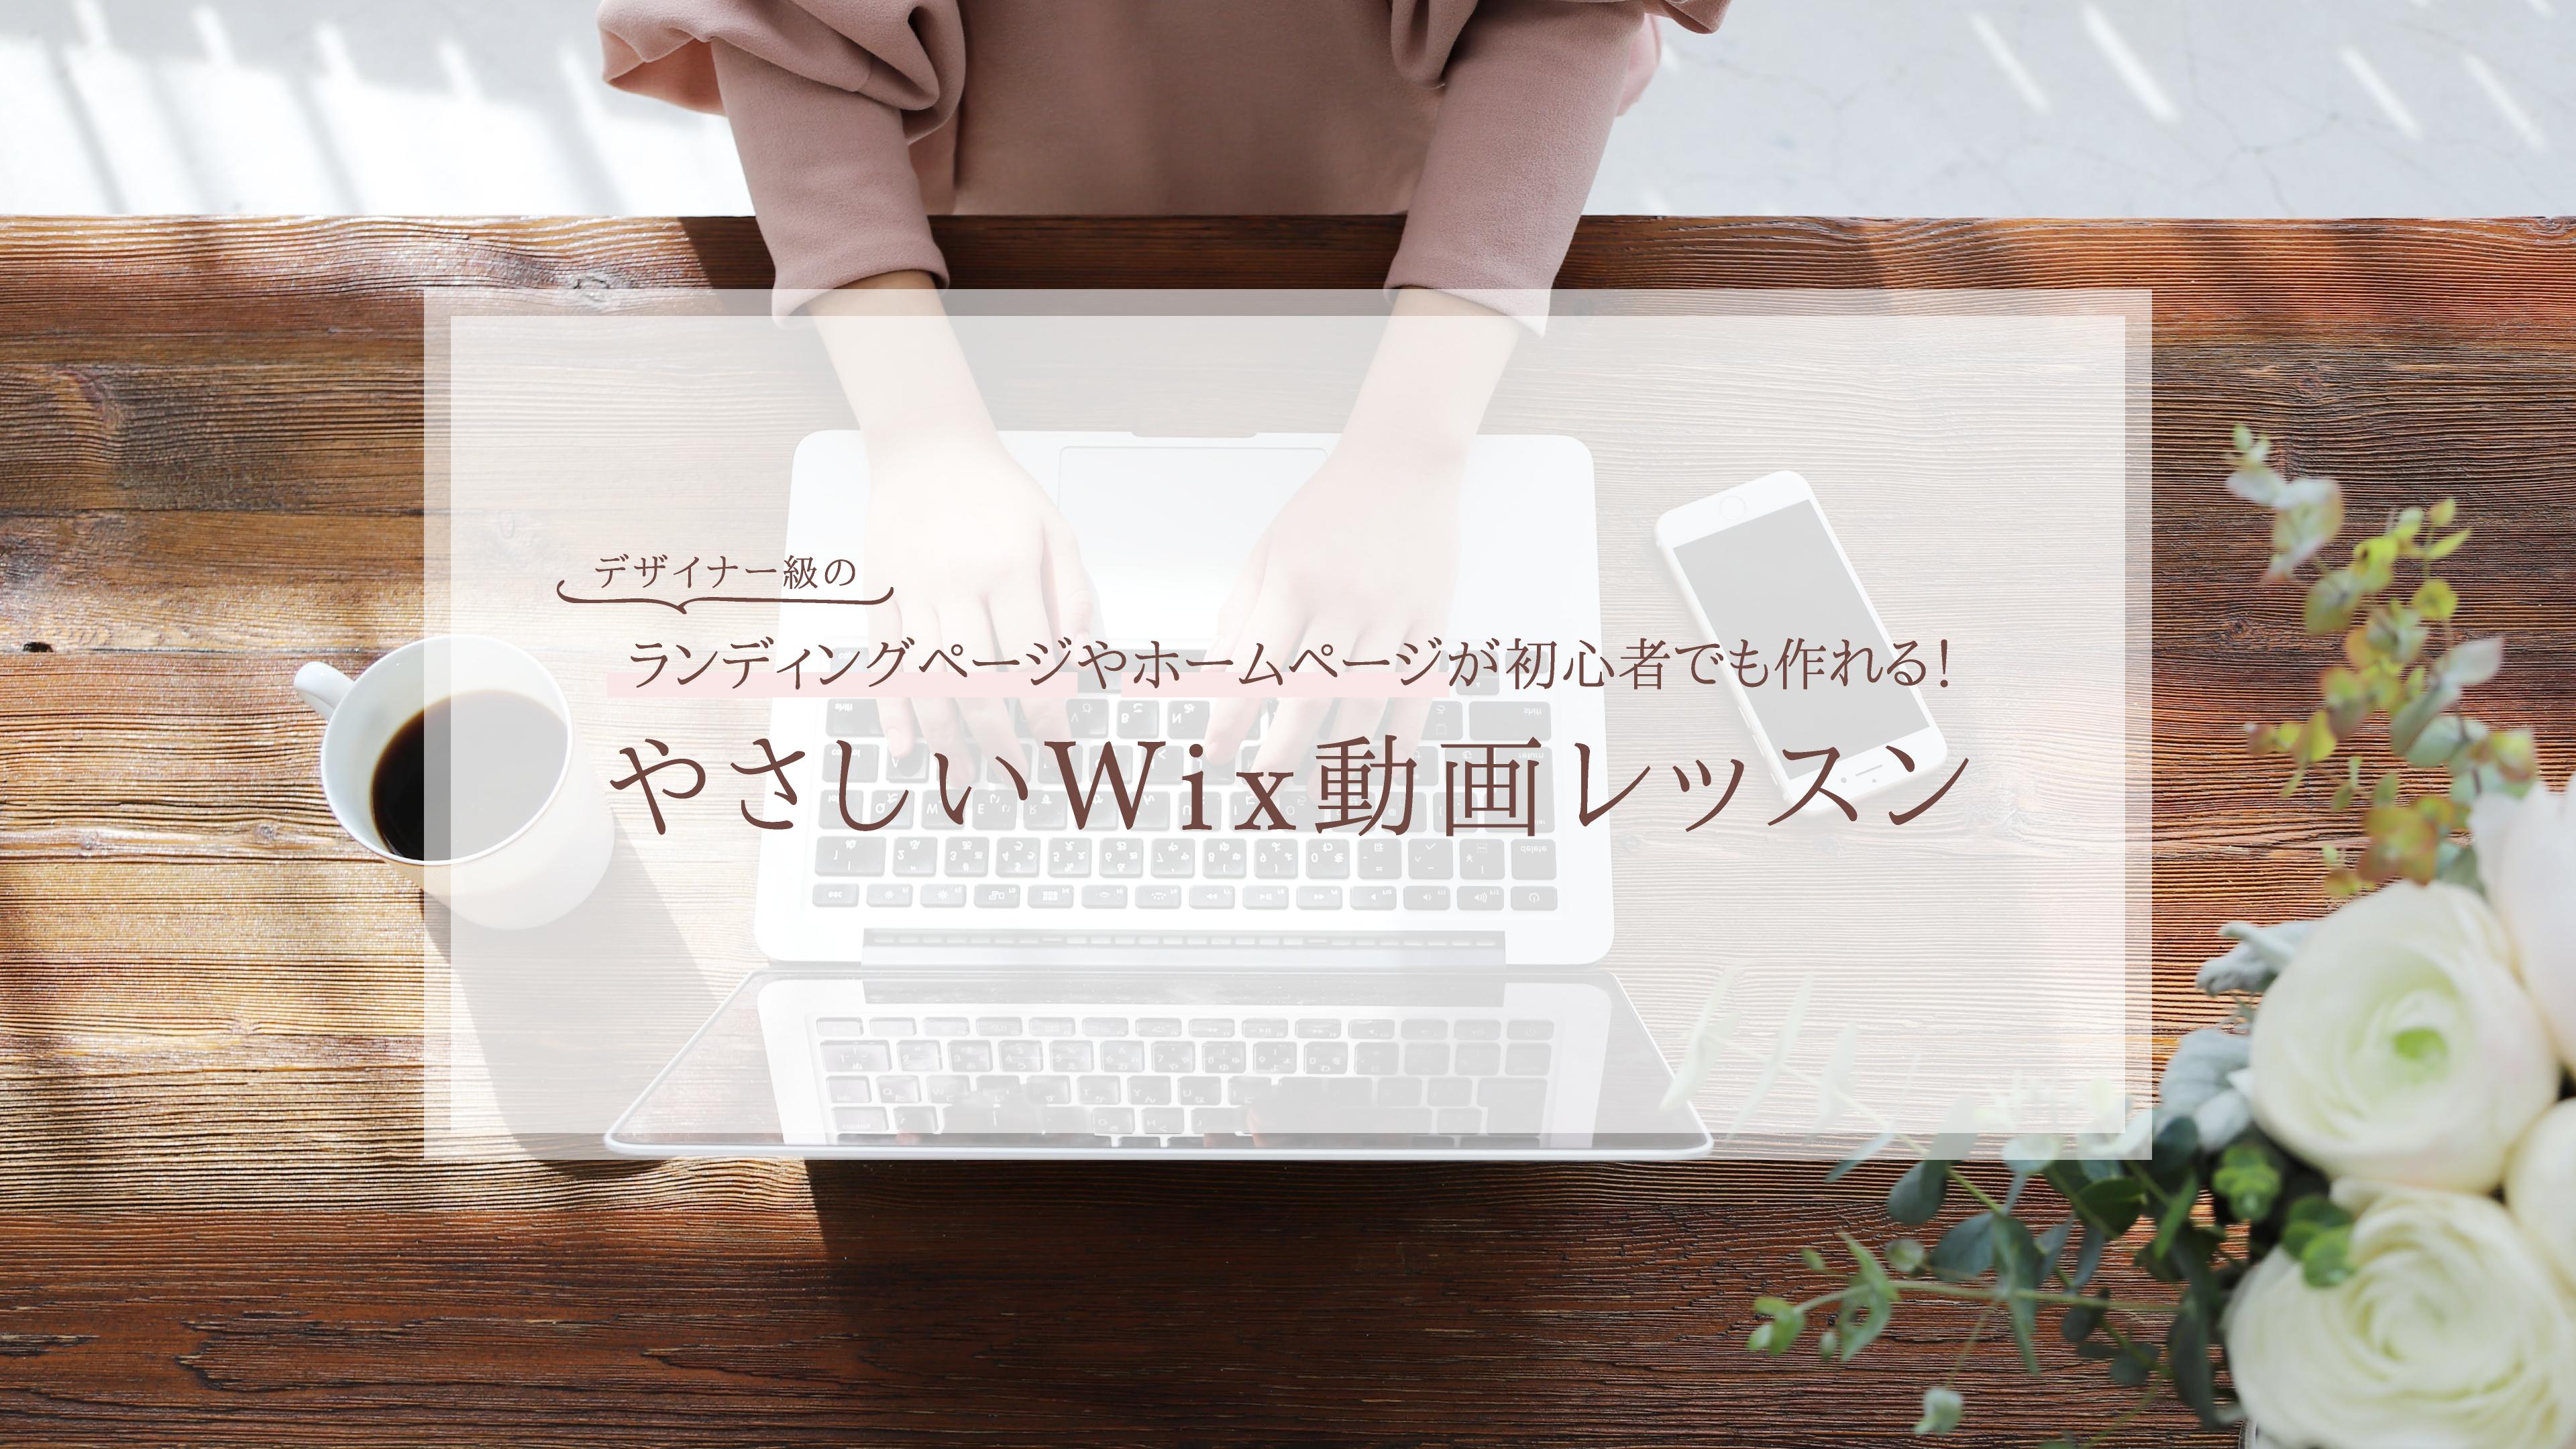 【やさしいWEBデザイン教室】Wix動画レッスン ホームページやランディングページが初心者でも作れる!